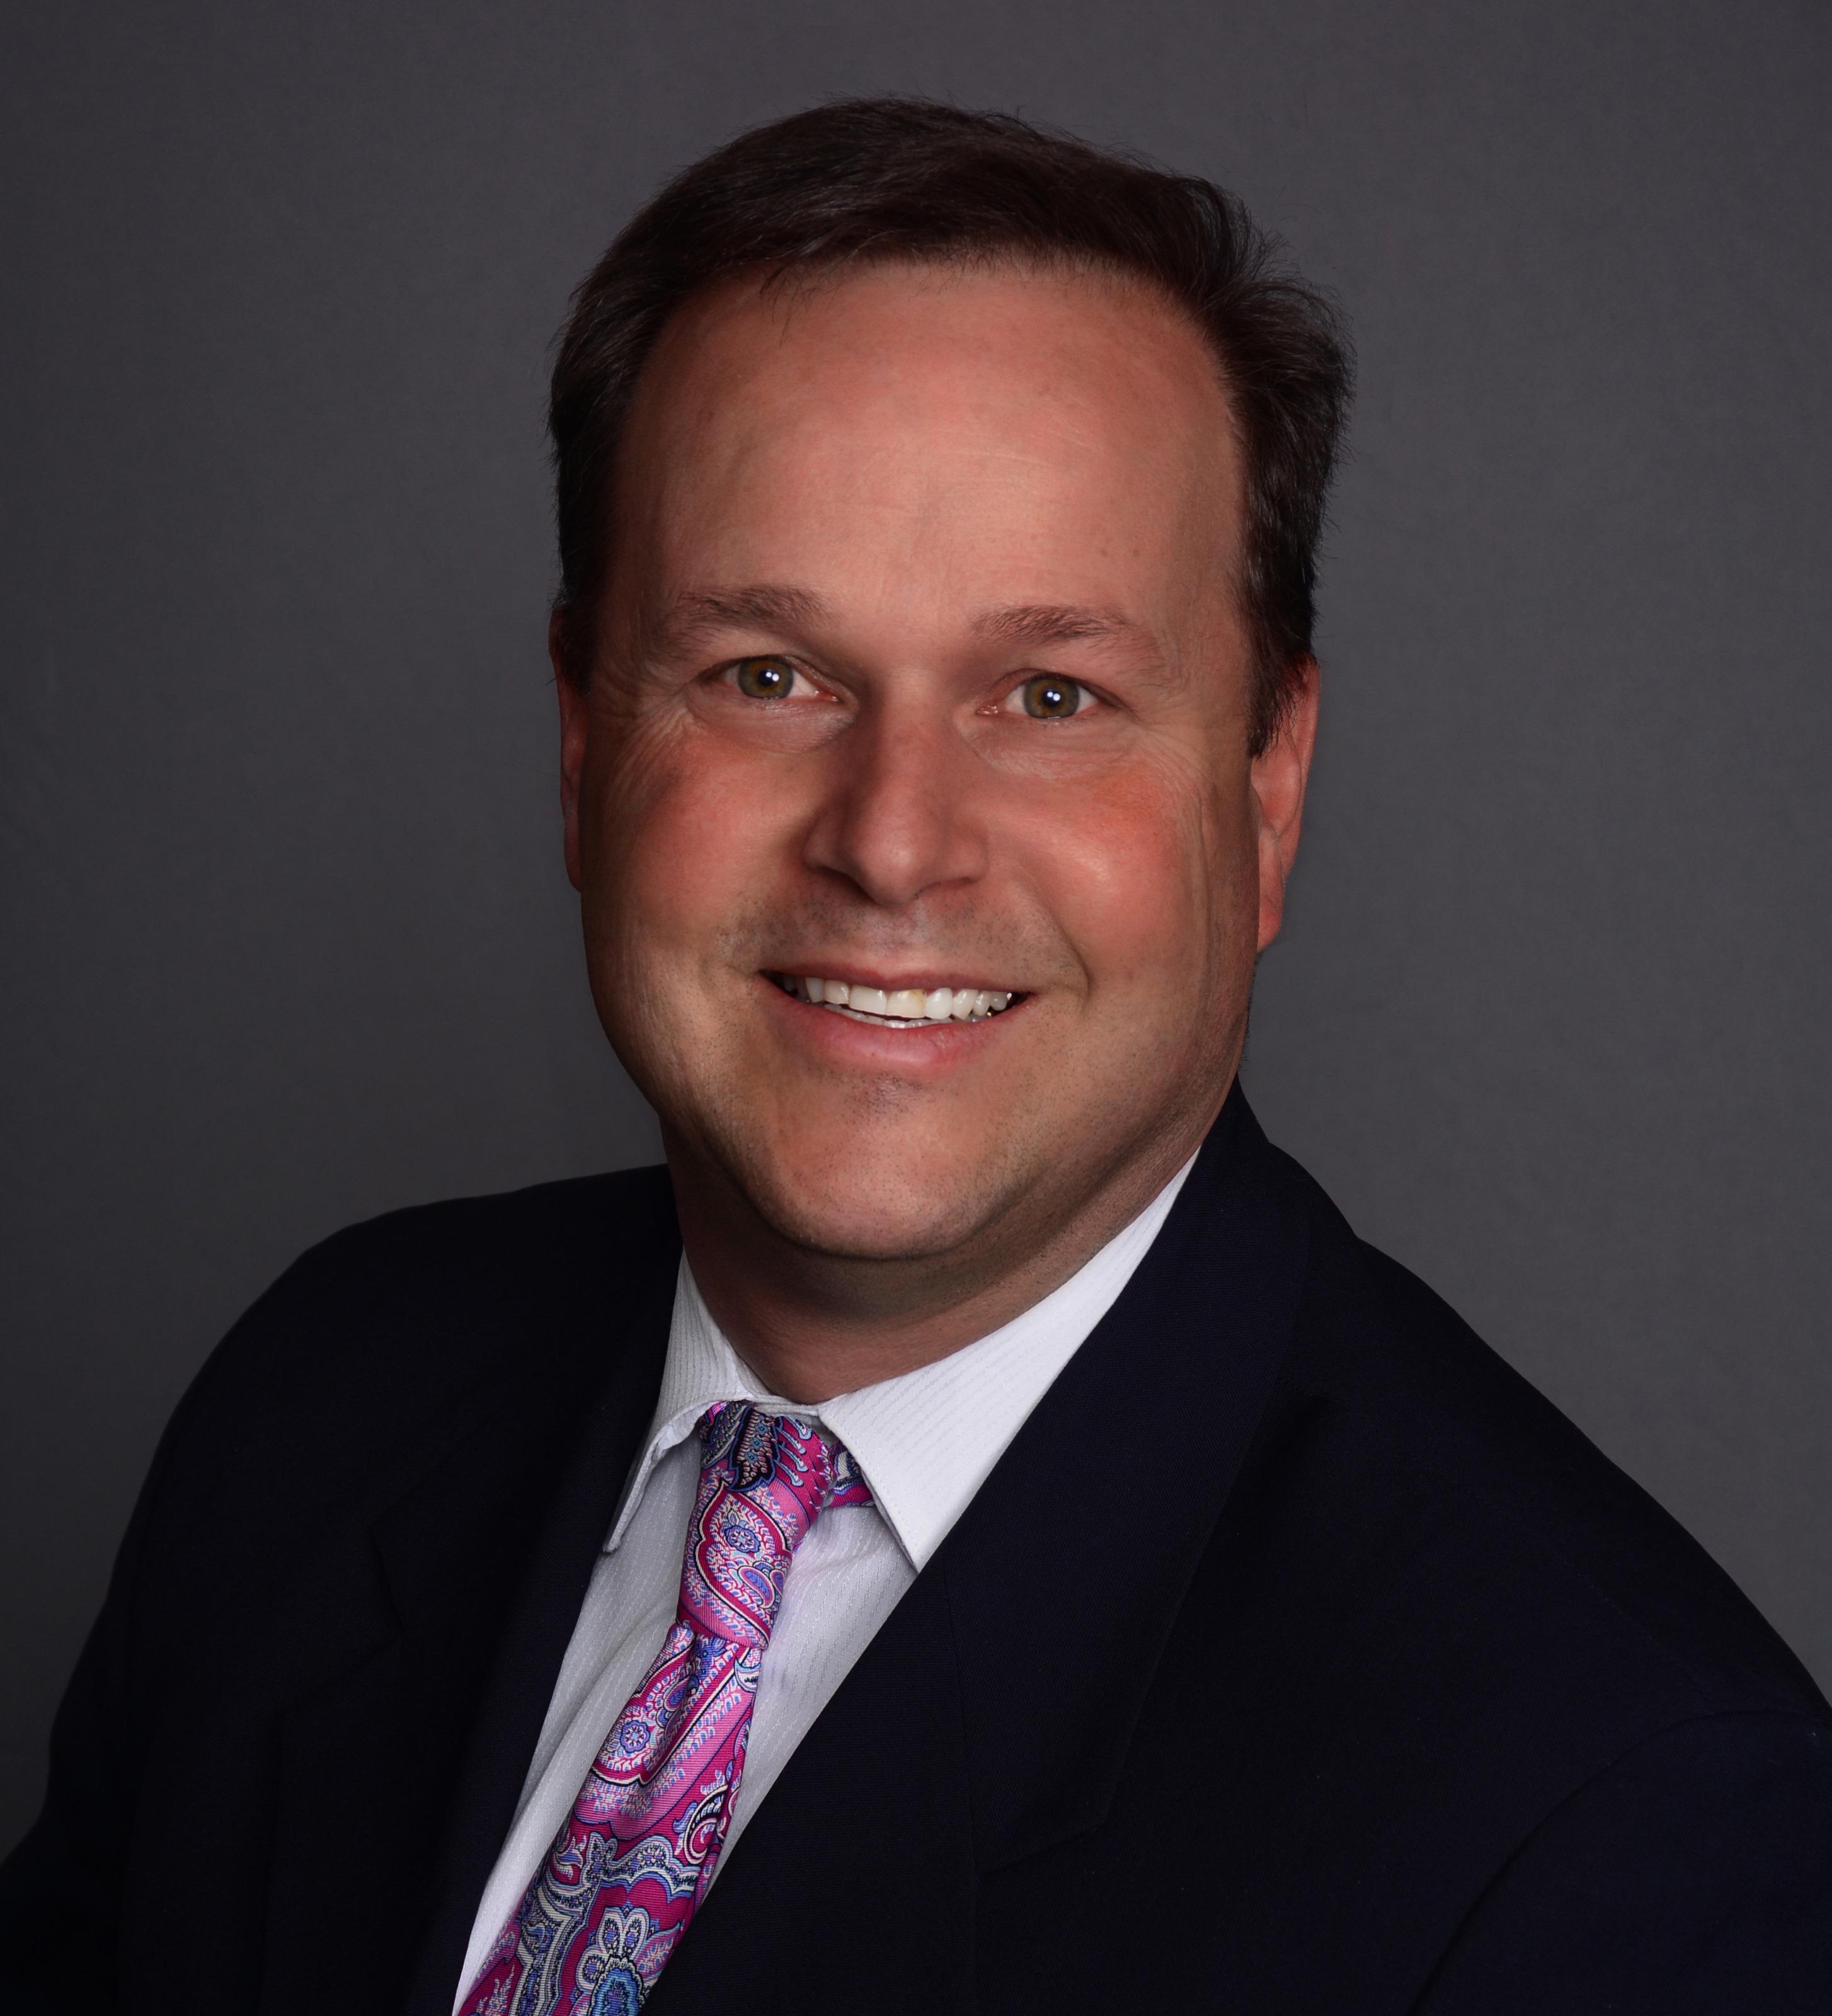 David C. O'Mara's Profile Image